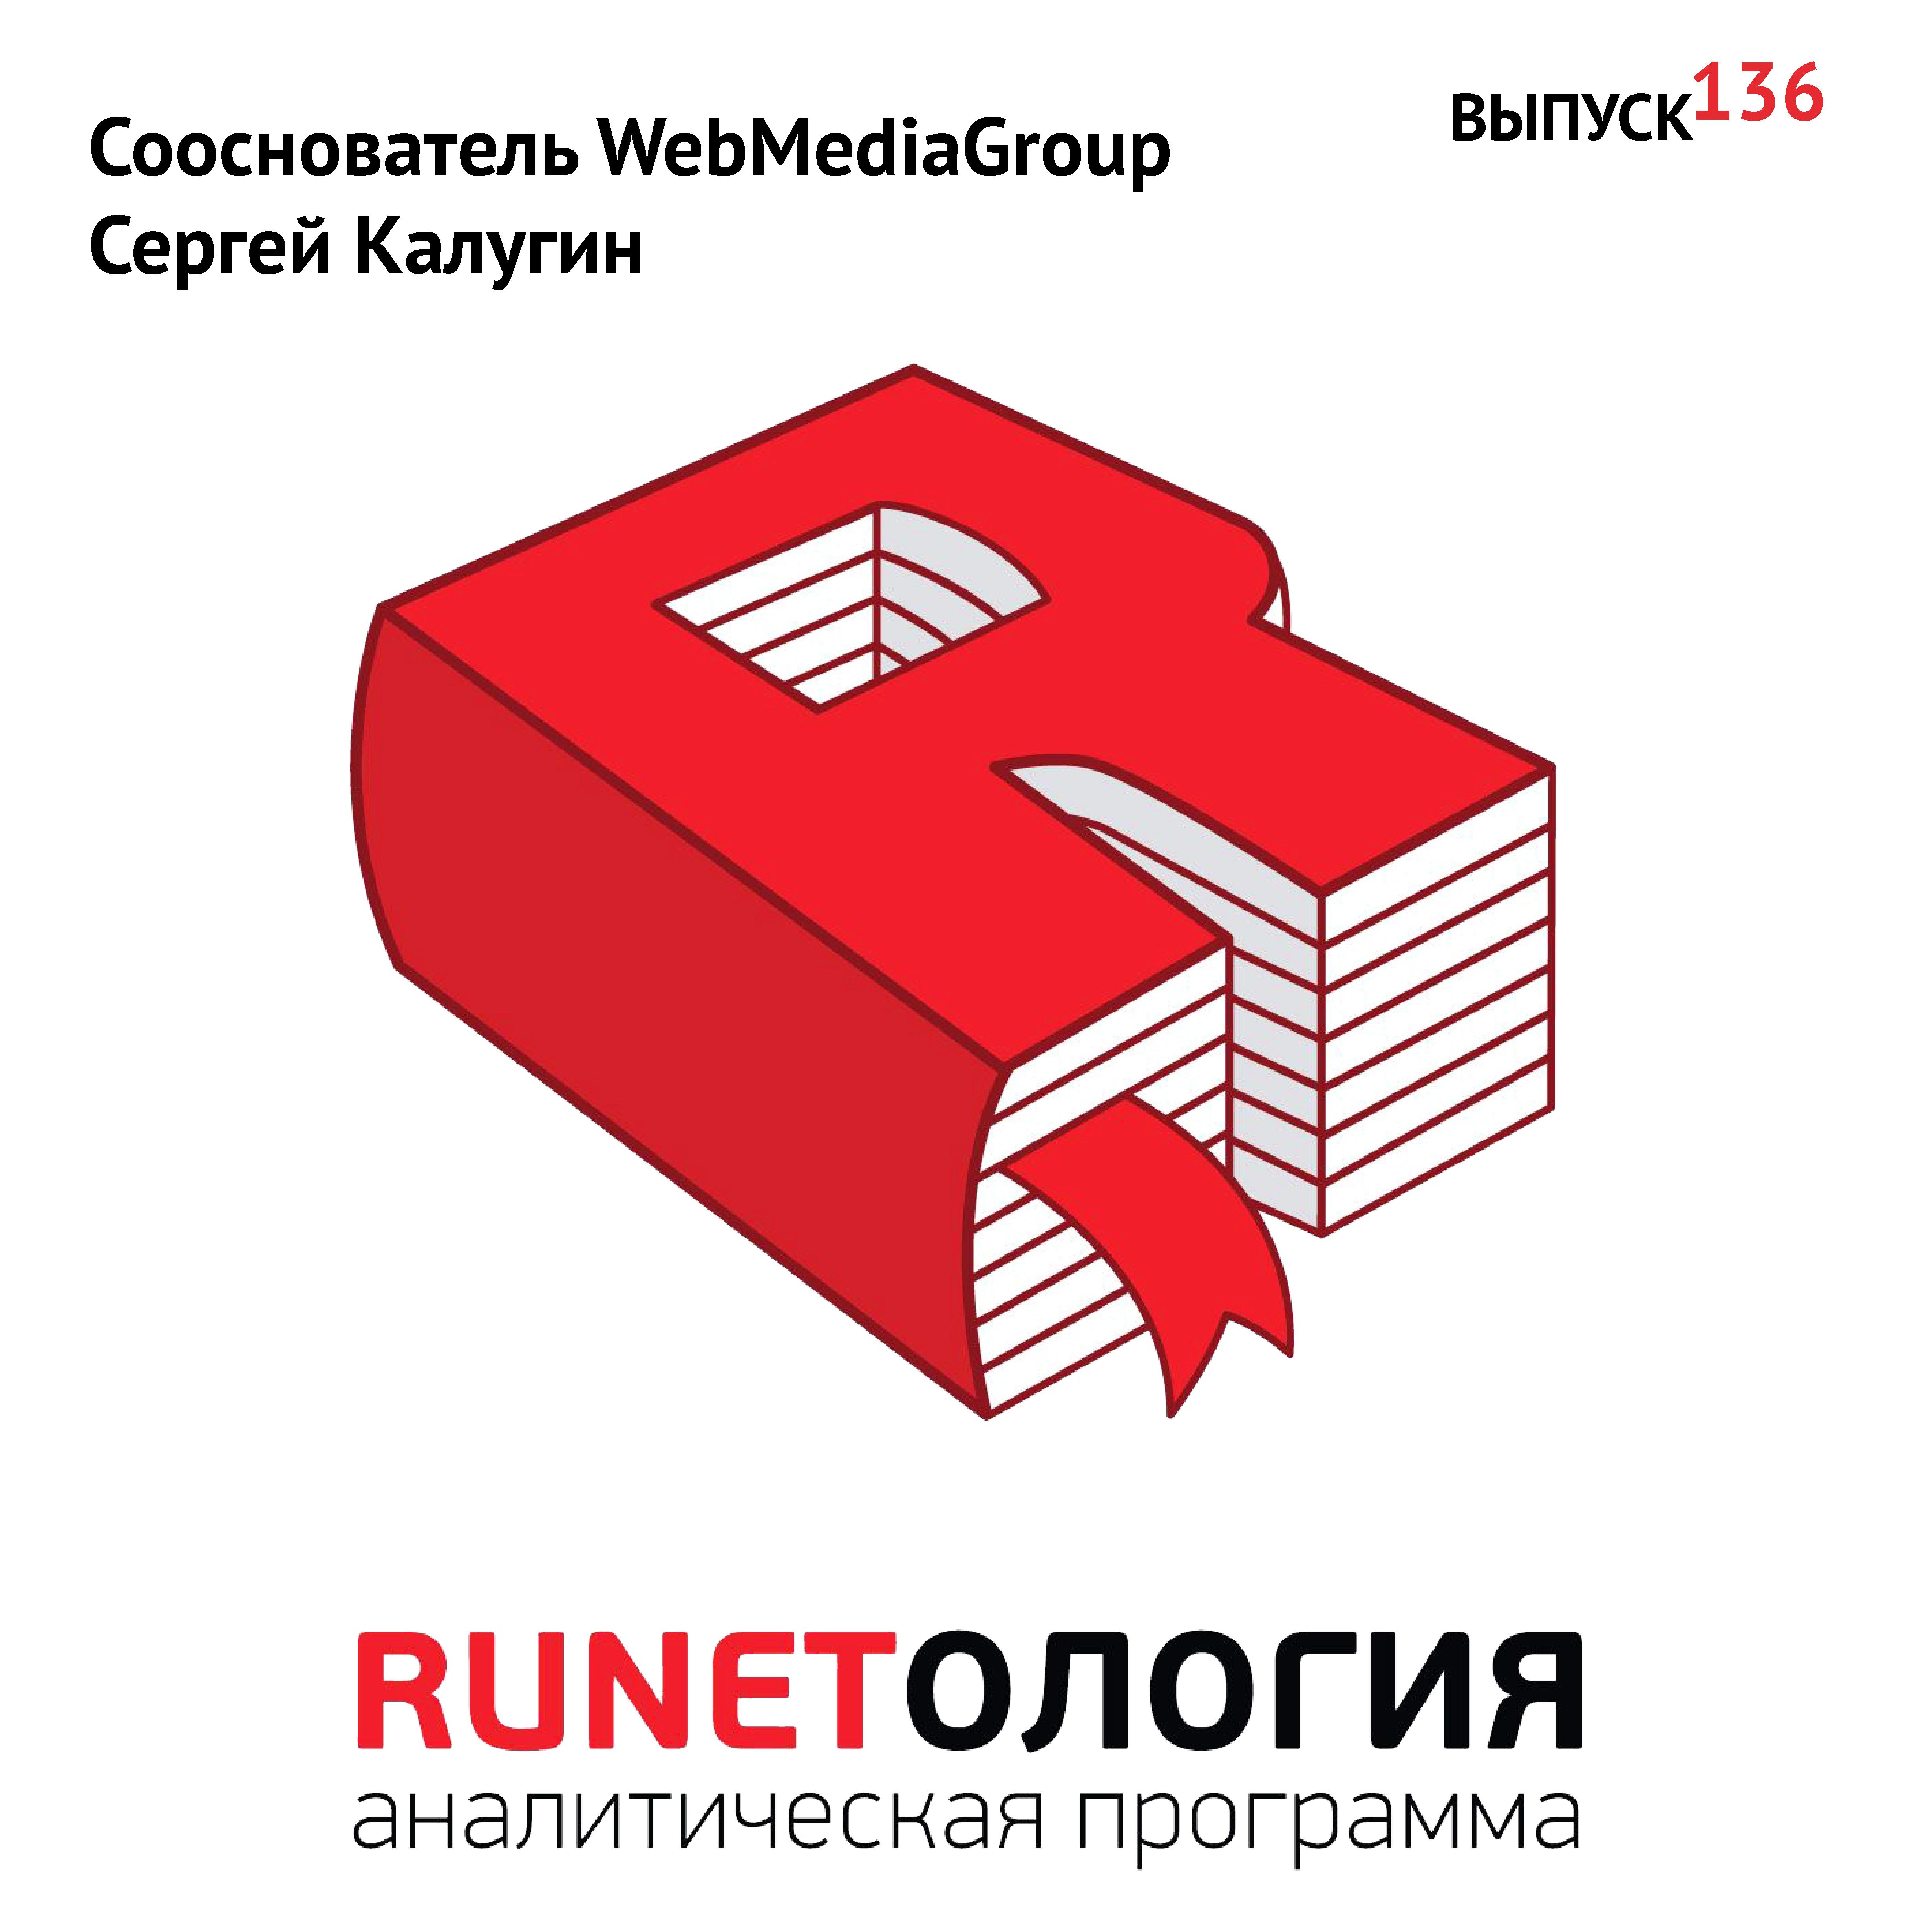 Максим Спиридонов Сооснователь WebMediaGroup Сергей Калугин сергей калугин